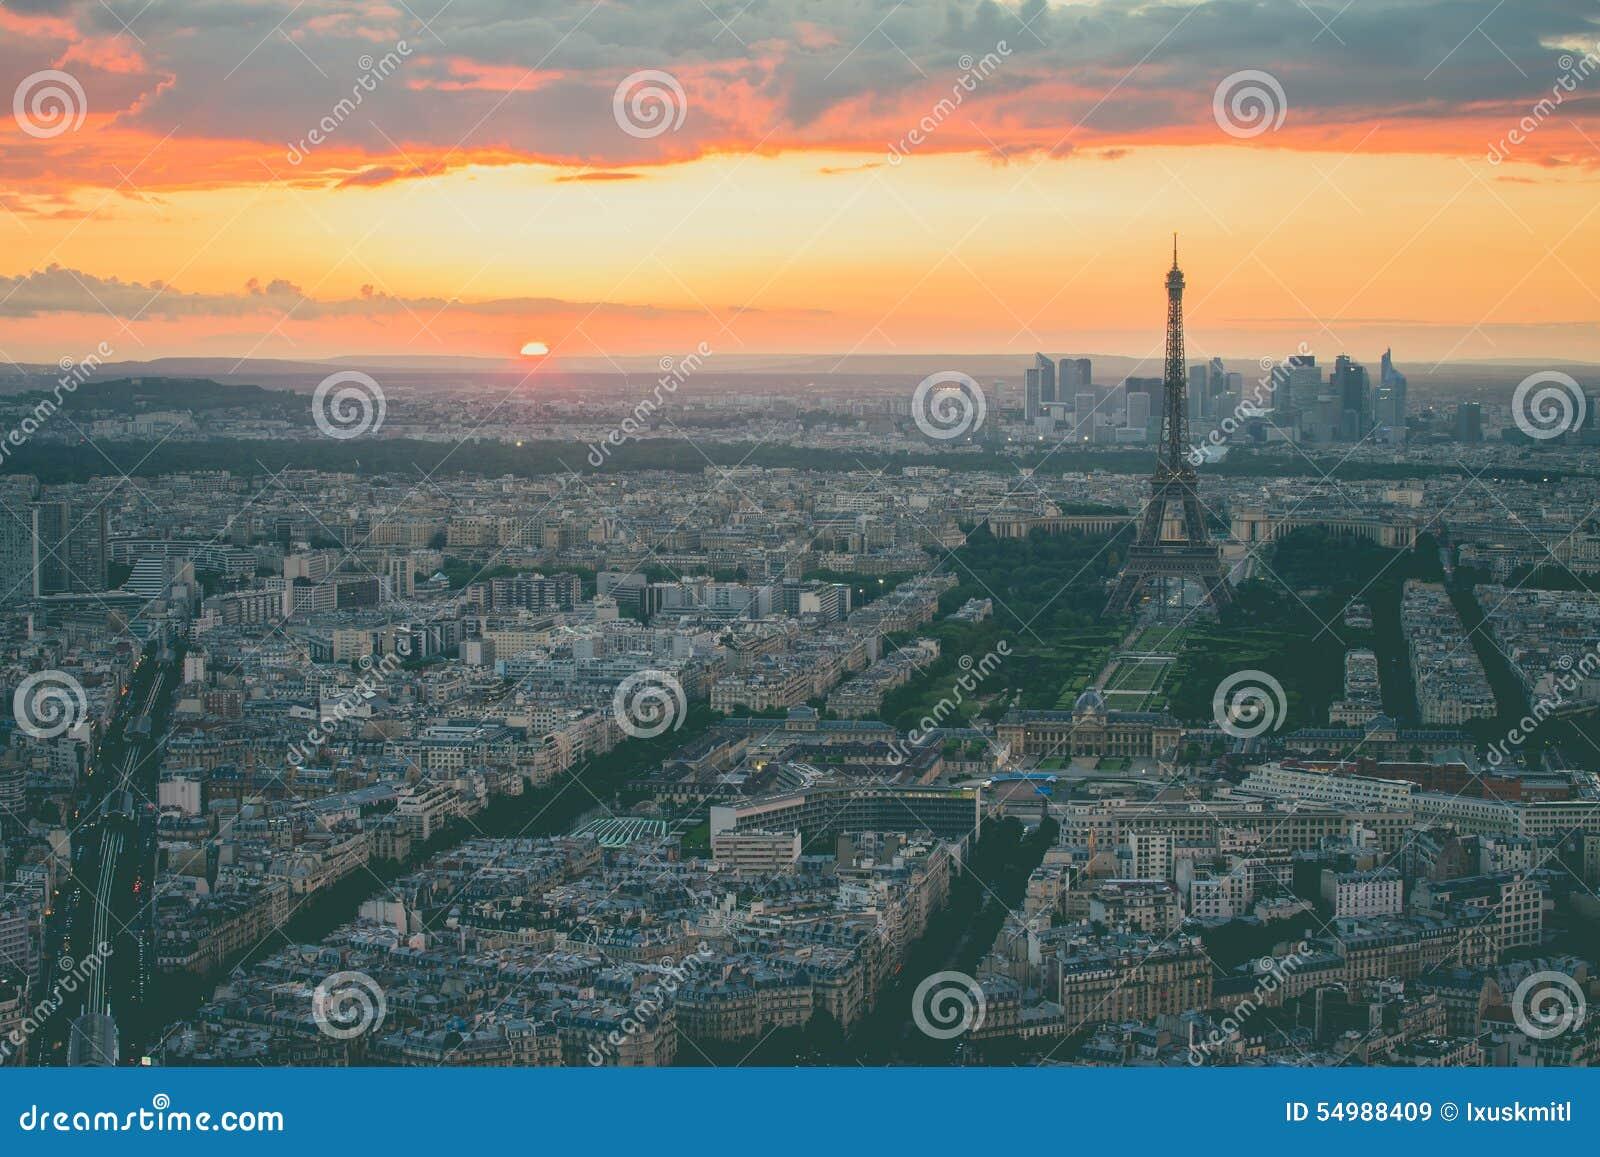 Das Stadtbild mit Eiffelturm in Paris, Frankreich